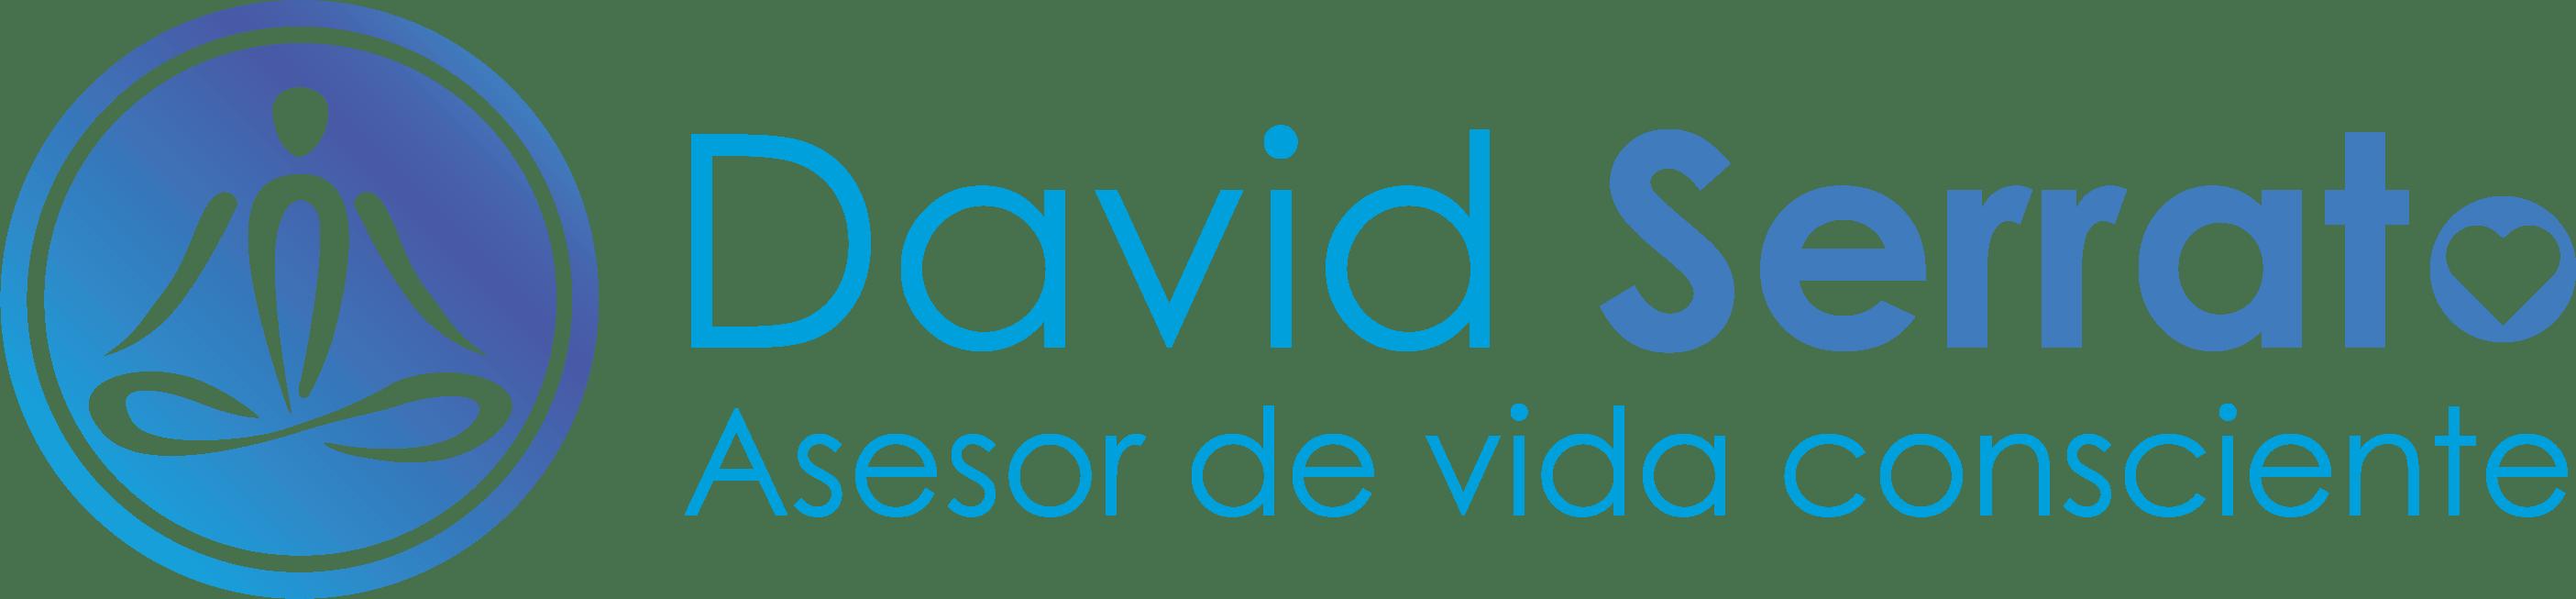 Escuela David Serrato